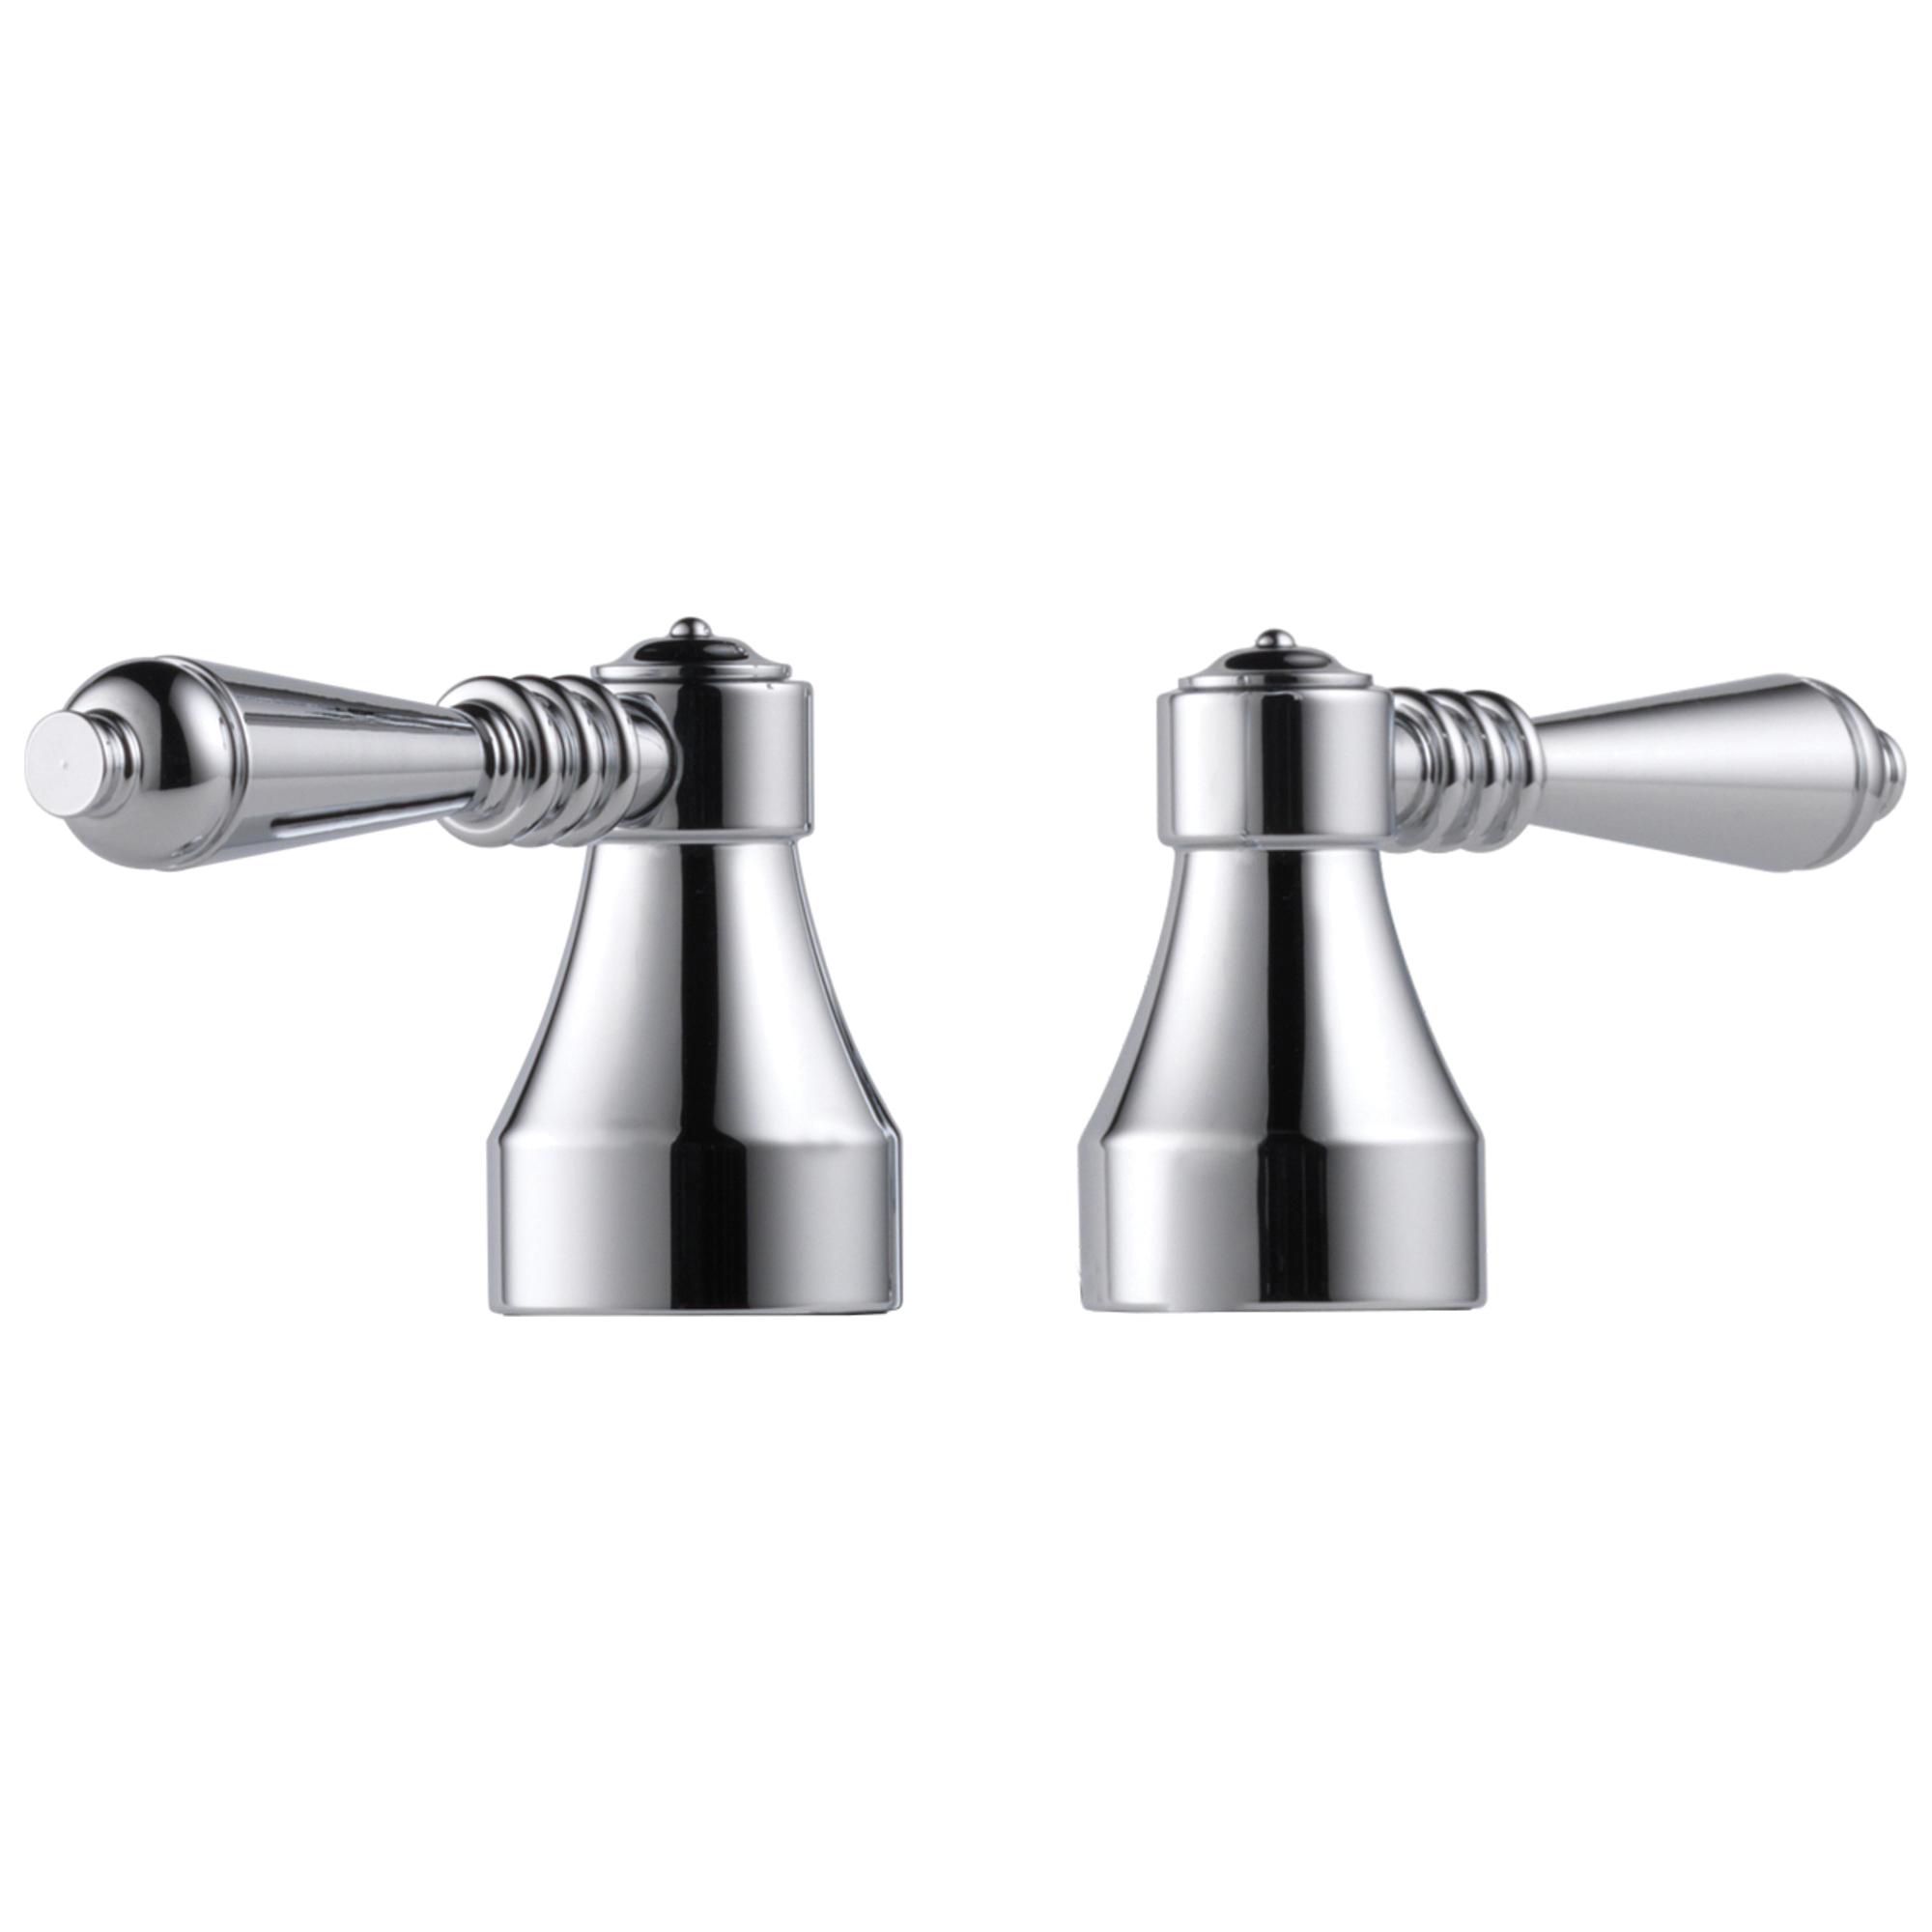 Brizo® RP52831PC Tresa® Single Lavatory Faucet Lever Handle Kit, Metal, Polished Chrome, Domestic